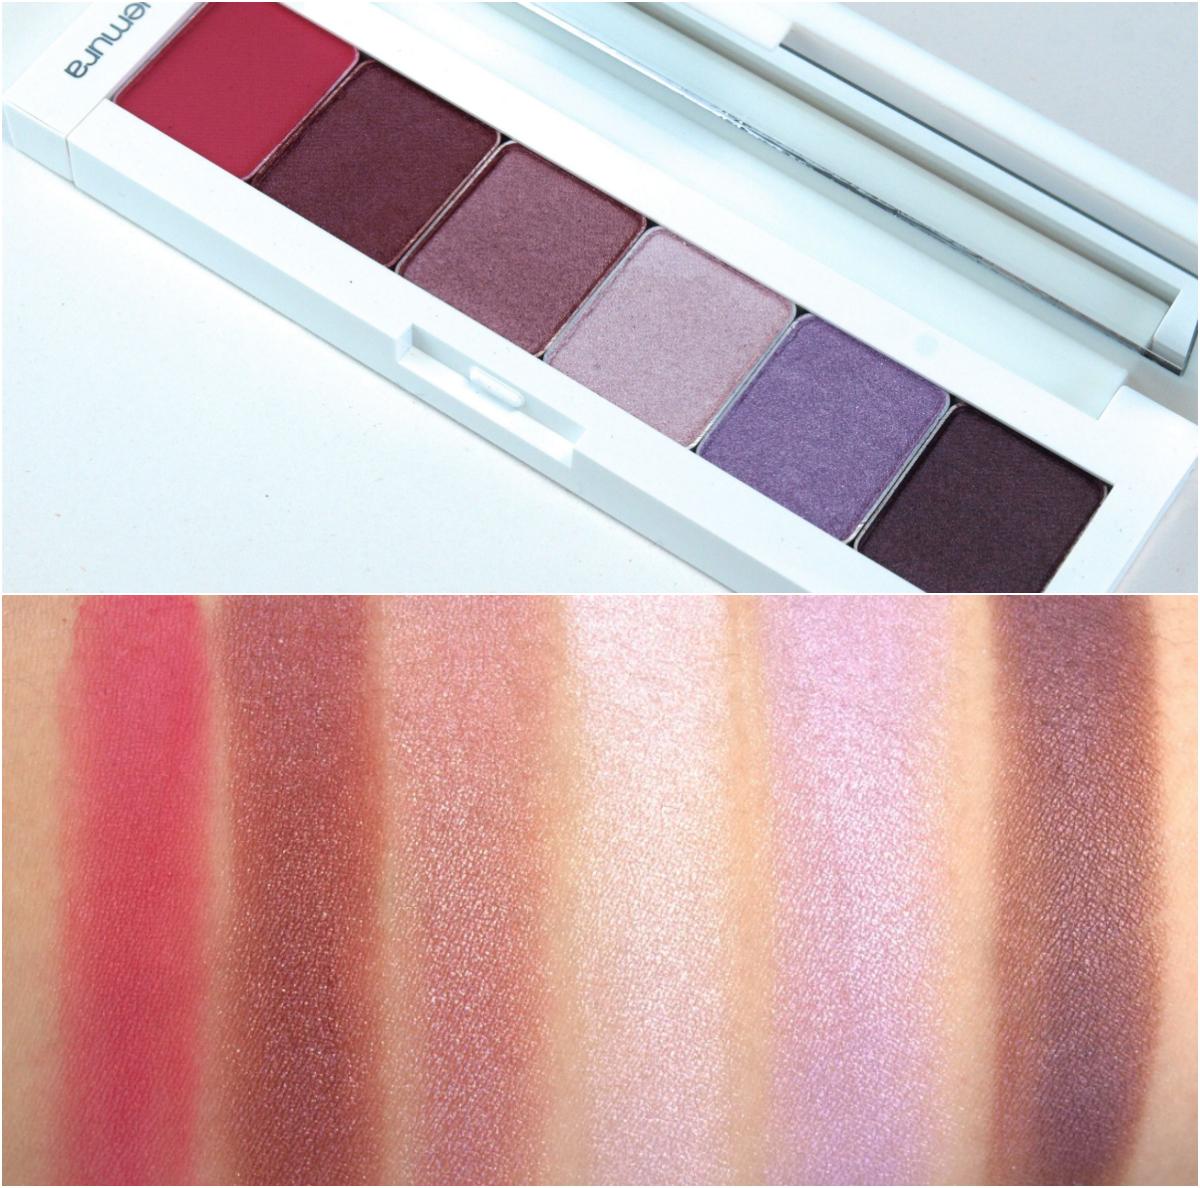 Shu Uemura Brave Beauty Eye Palette Swatches